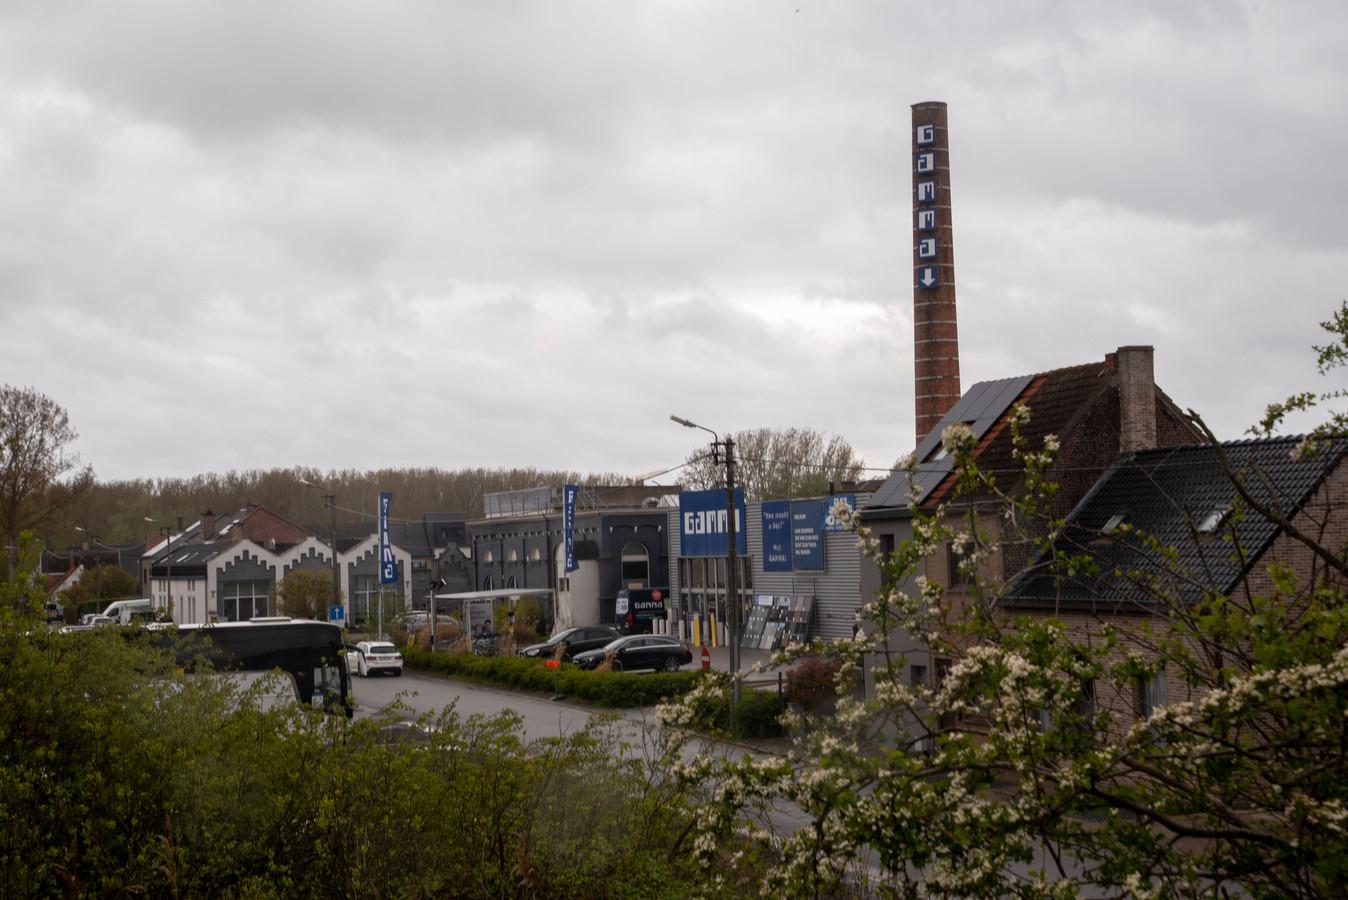 De fabrieksschouw gaat tegen de vlakte.